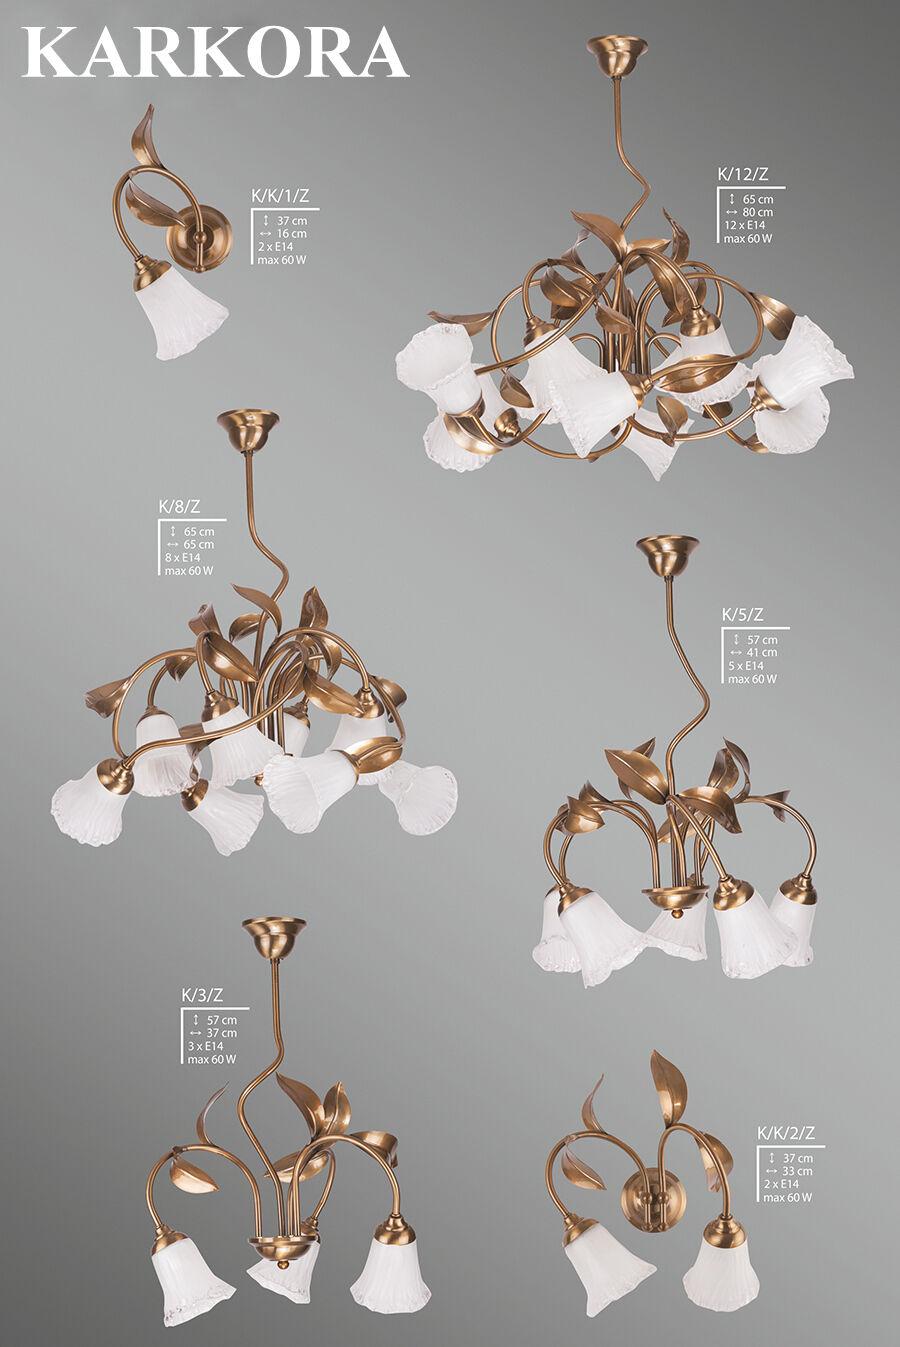 Karkora Exclusif Lampe Lustre Mural Suspendu Lampe Murale éclairage Neuf Neuf Neuf Top | La Boutique En Ligne  3b67de